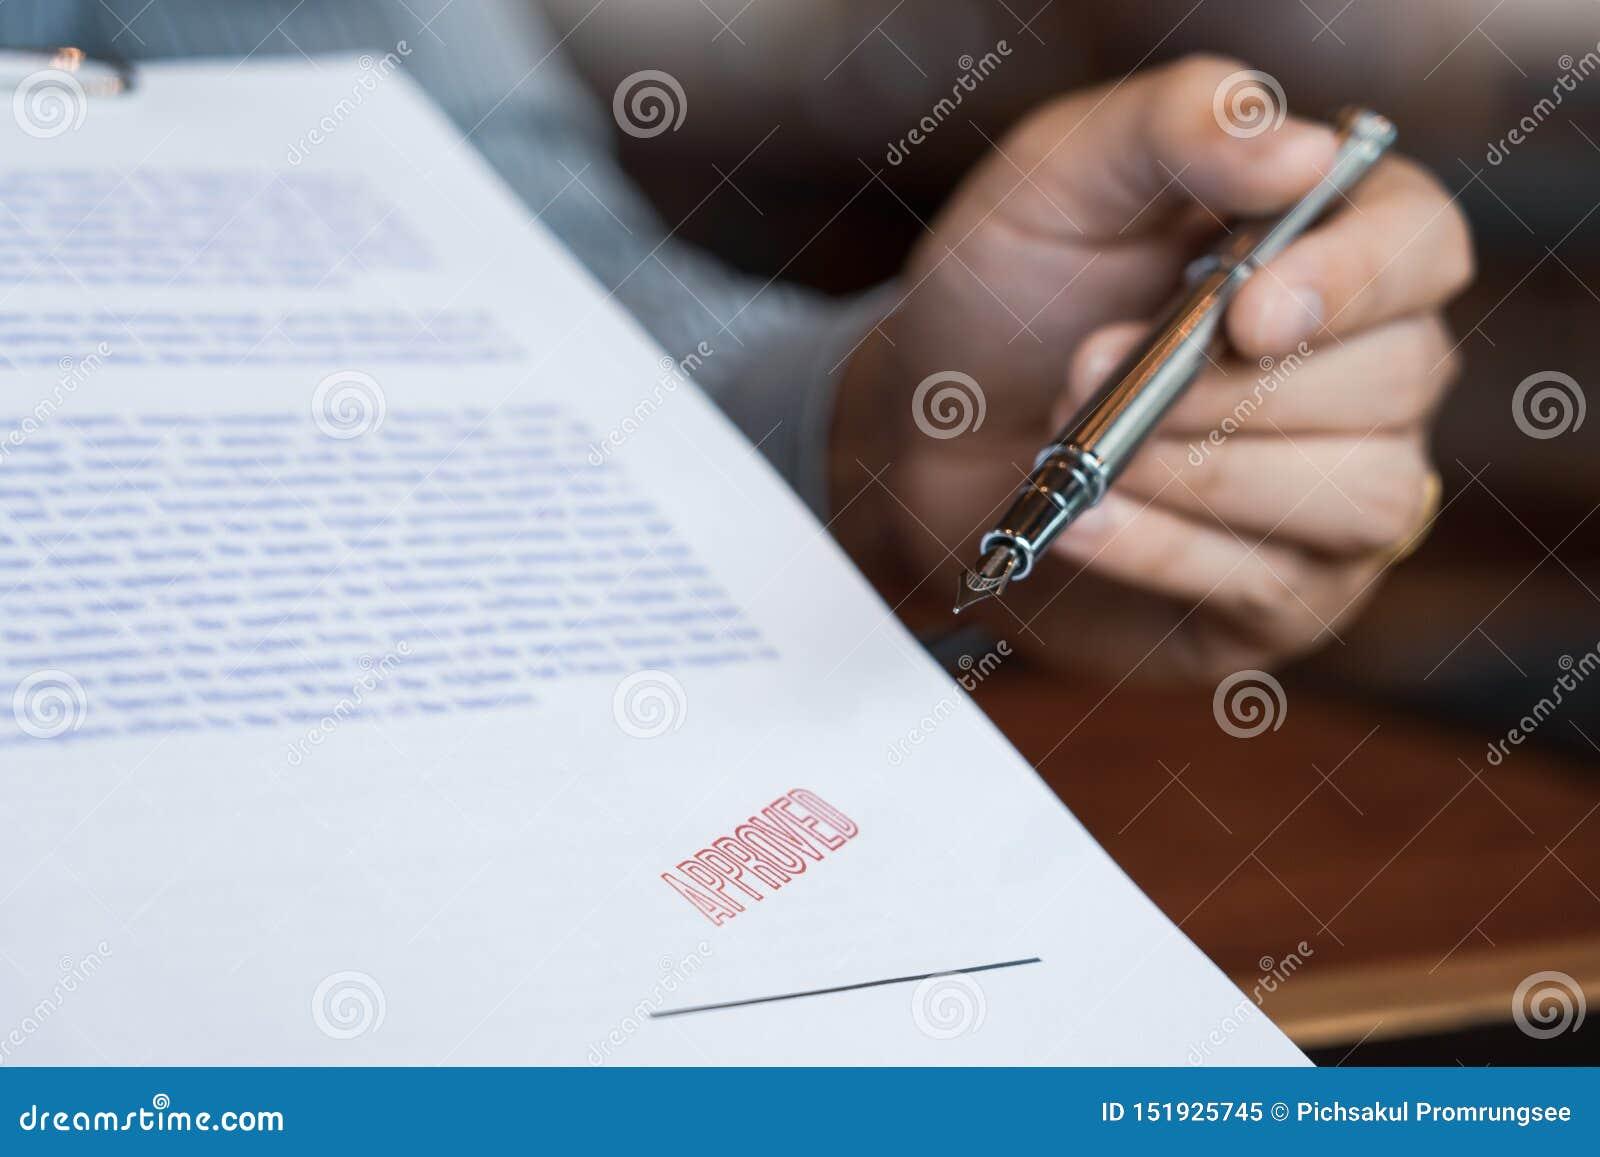 Manlig punkt till det undertecknande affärsdokumentet för att sätta häftet, reservoarpenna och godkänt stämplade på ett dokument,